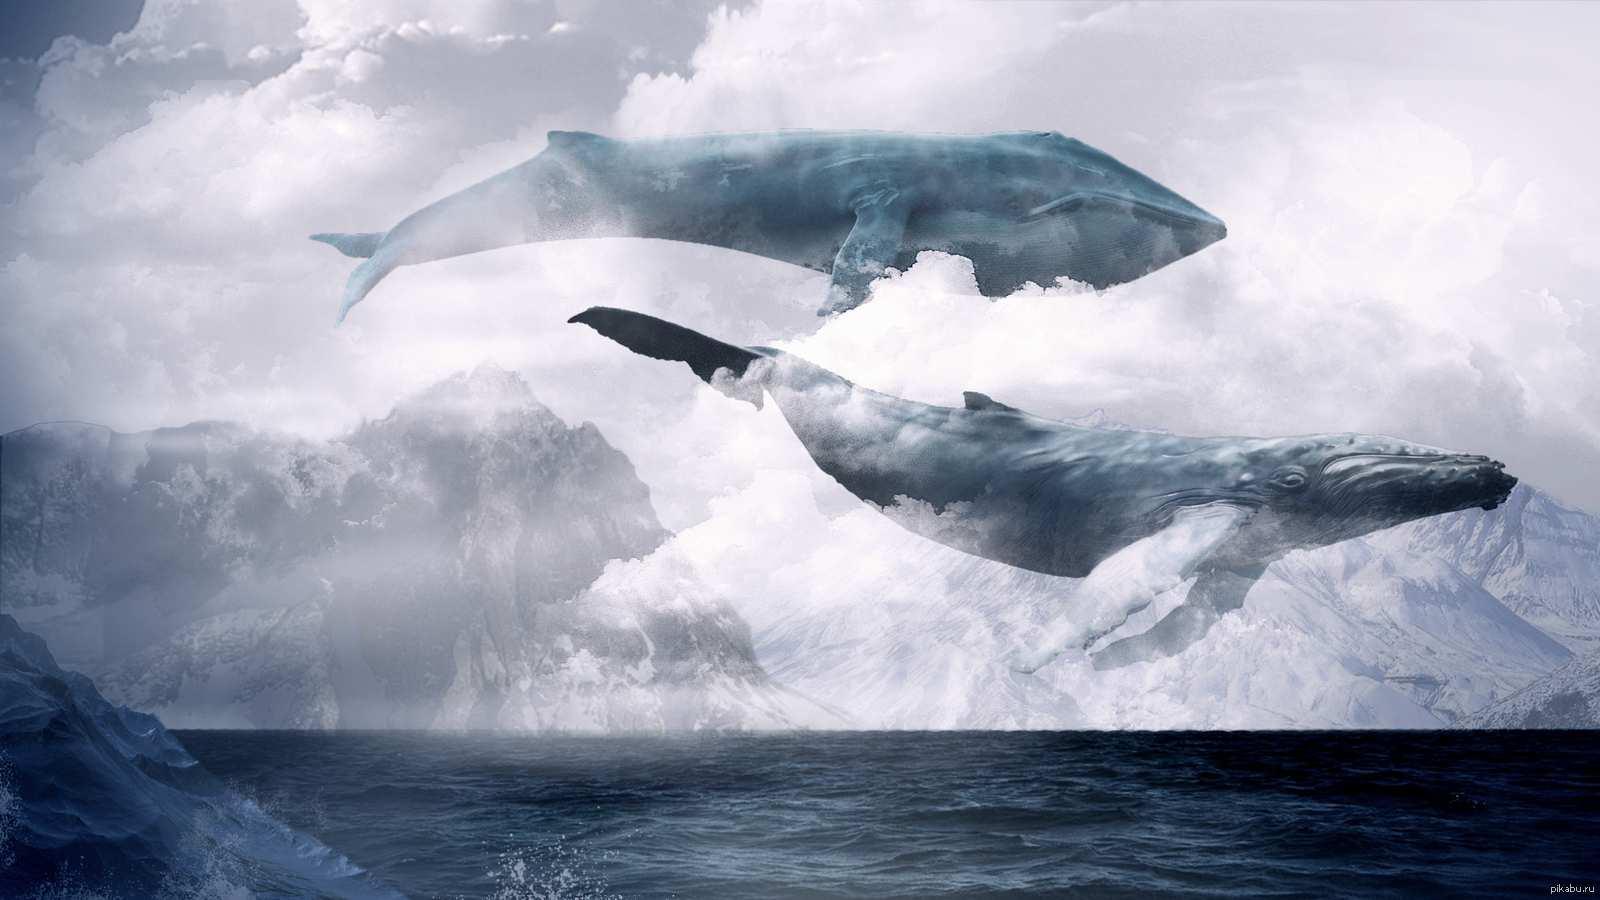 синий кит группа смерти ссылка